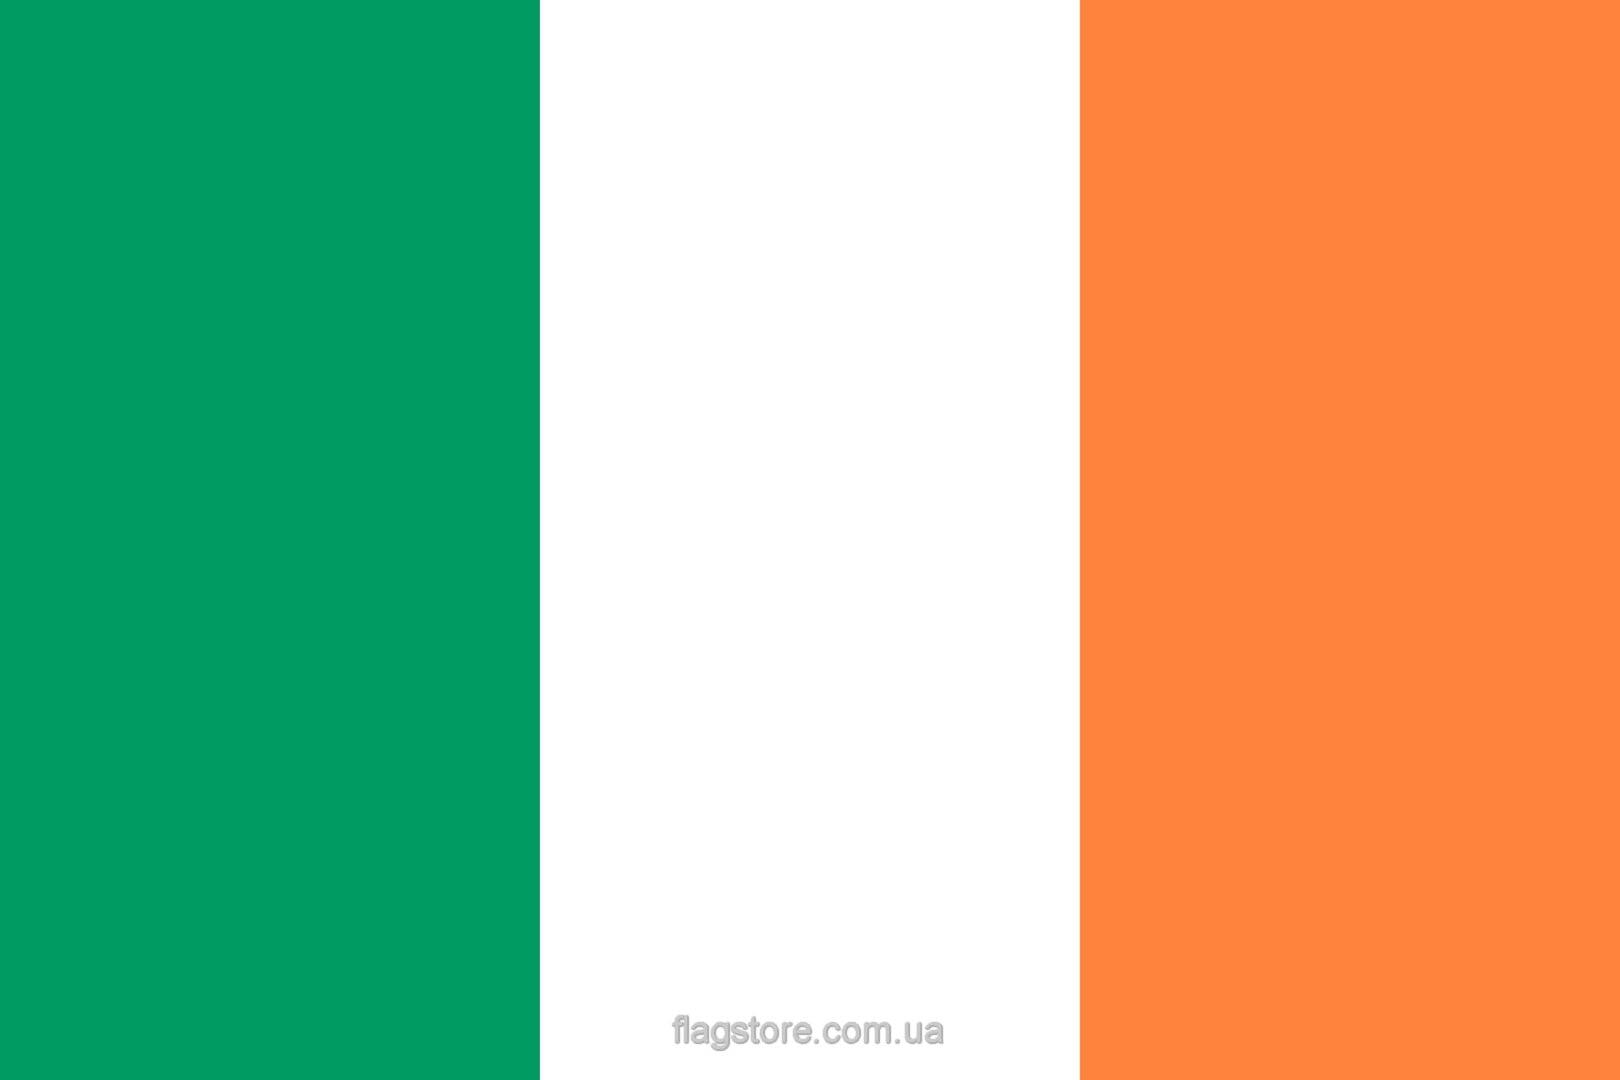 Купить флаг Ирландии (страны Ирландия)